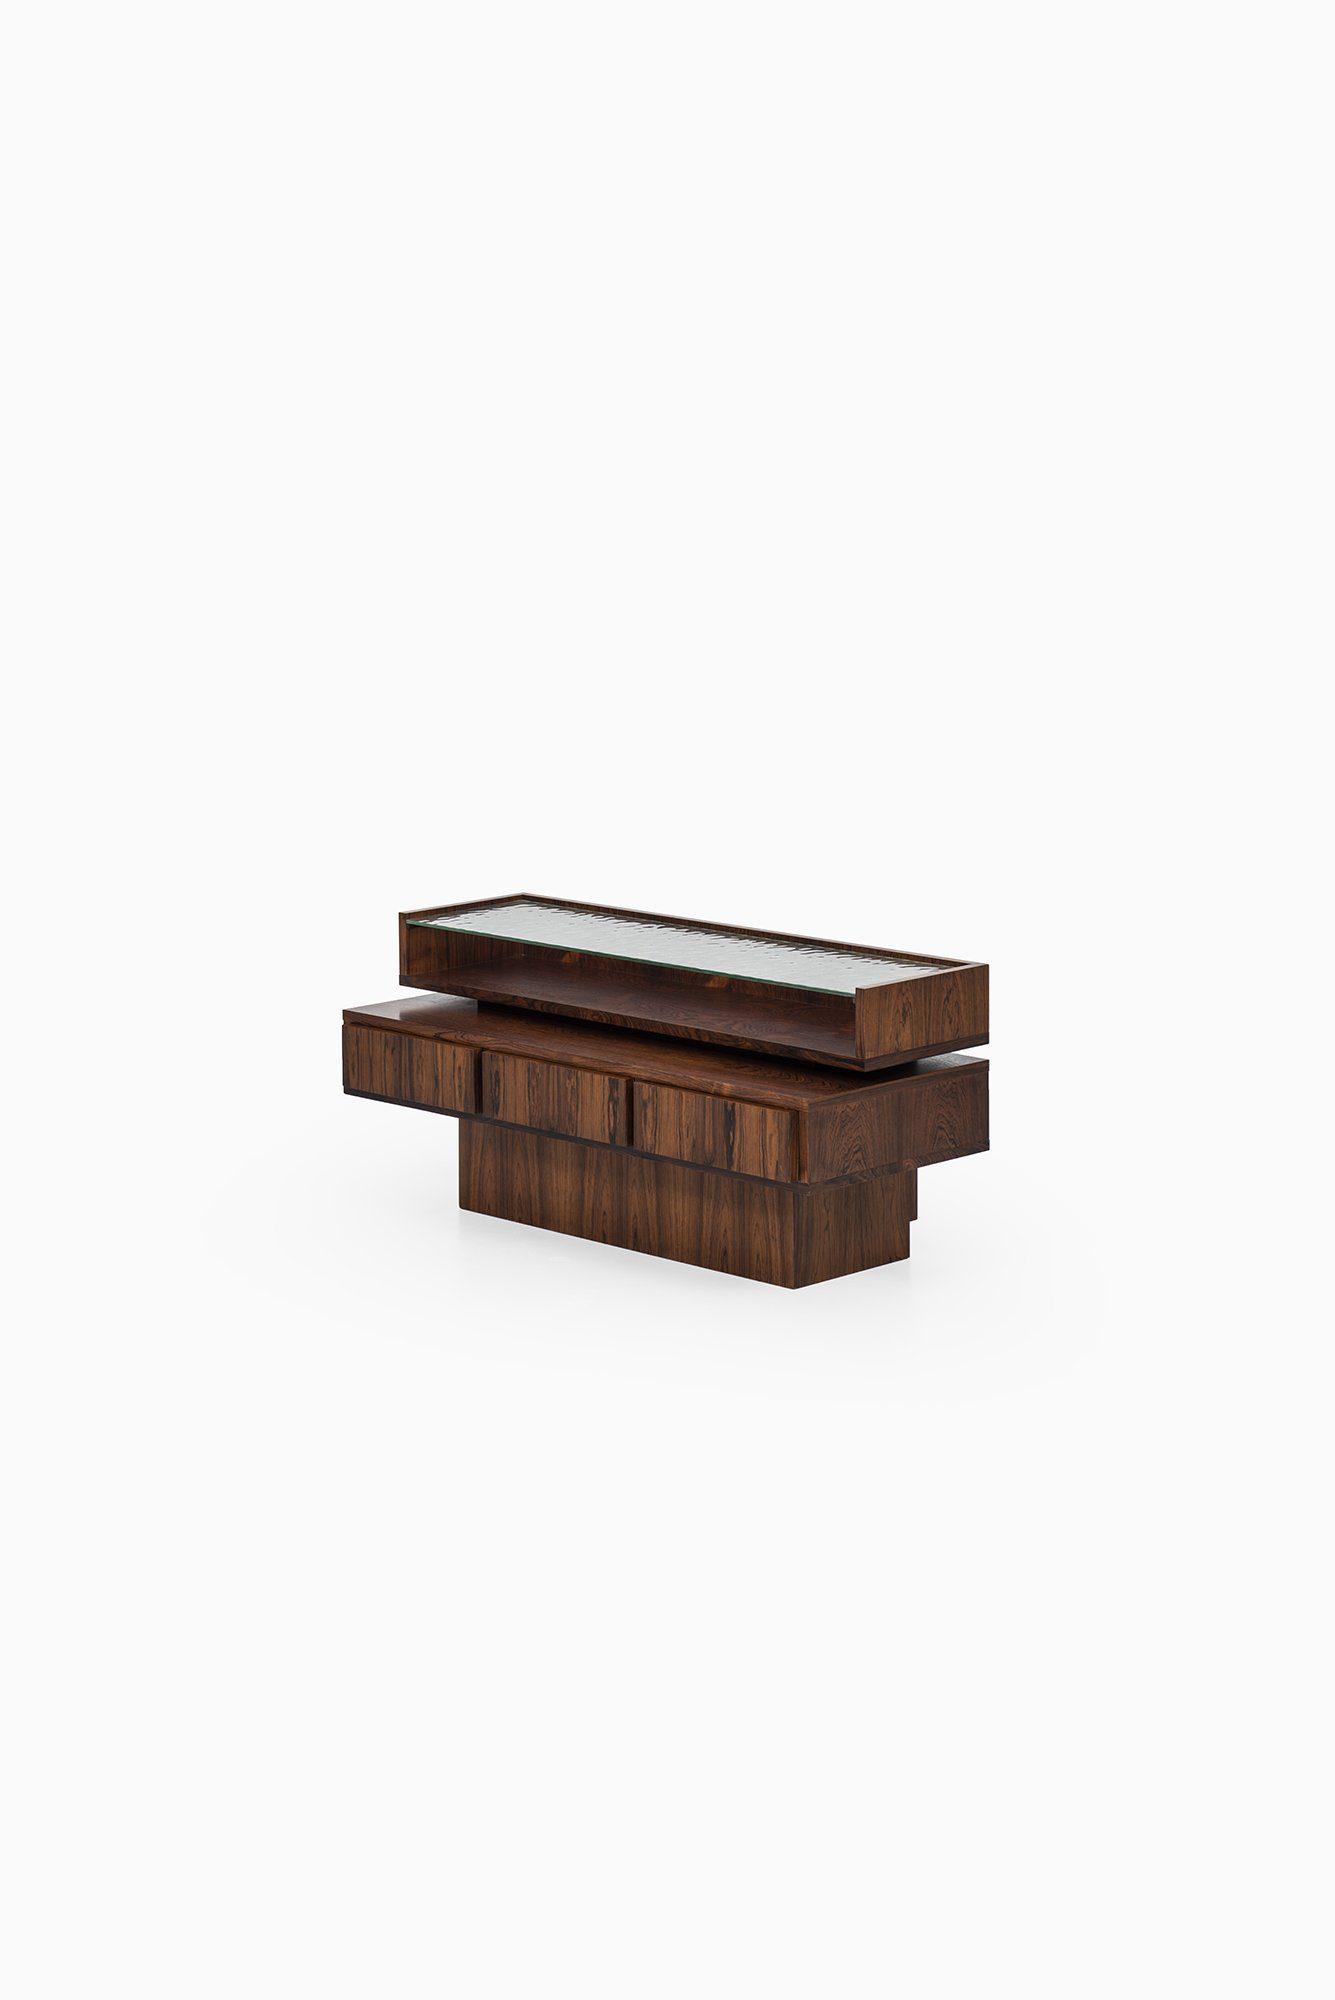 Rosewood drawer in the manner of Ib Kofod-Larsen at Studio Schalling